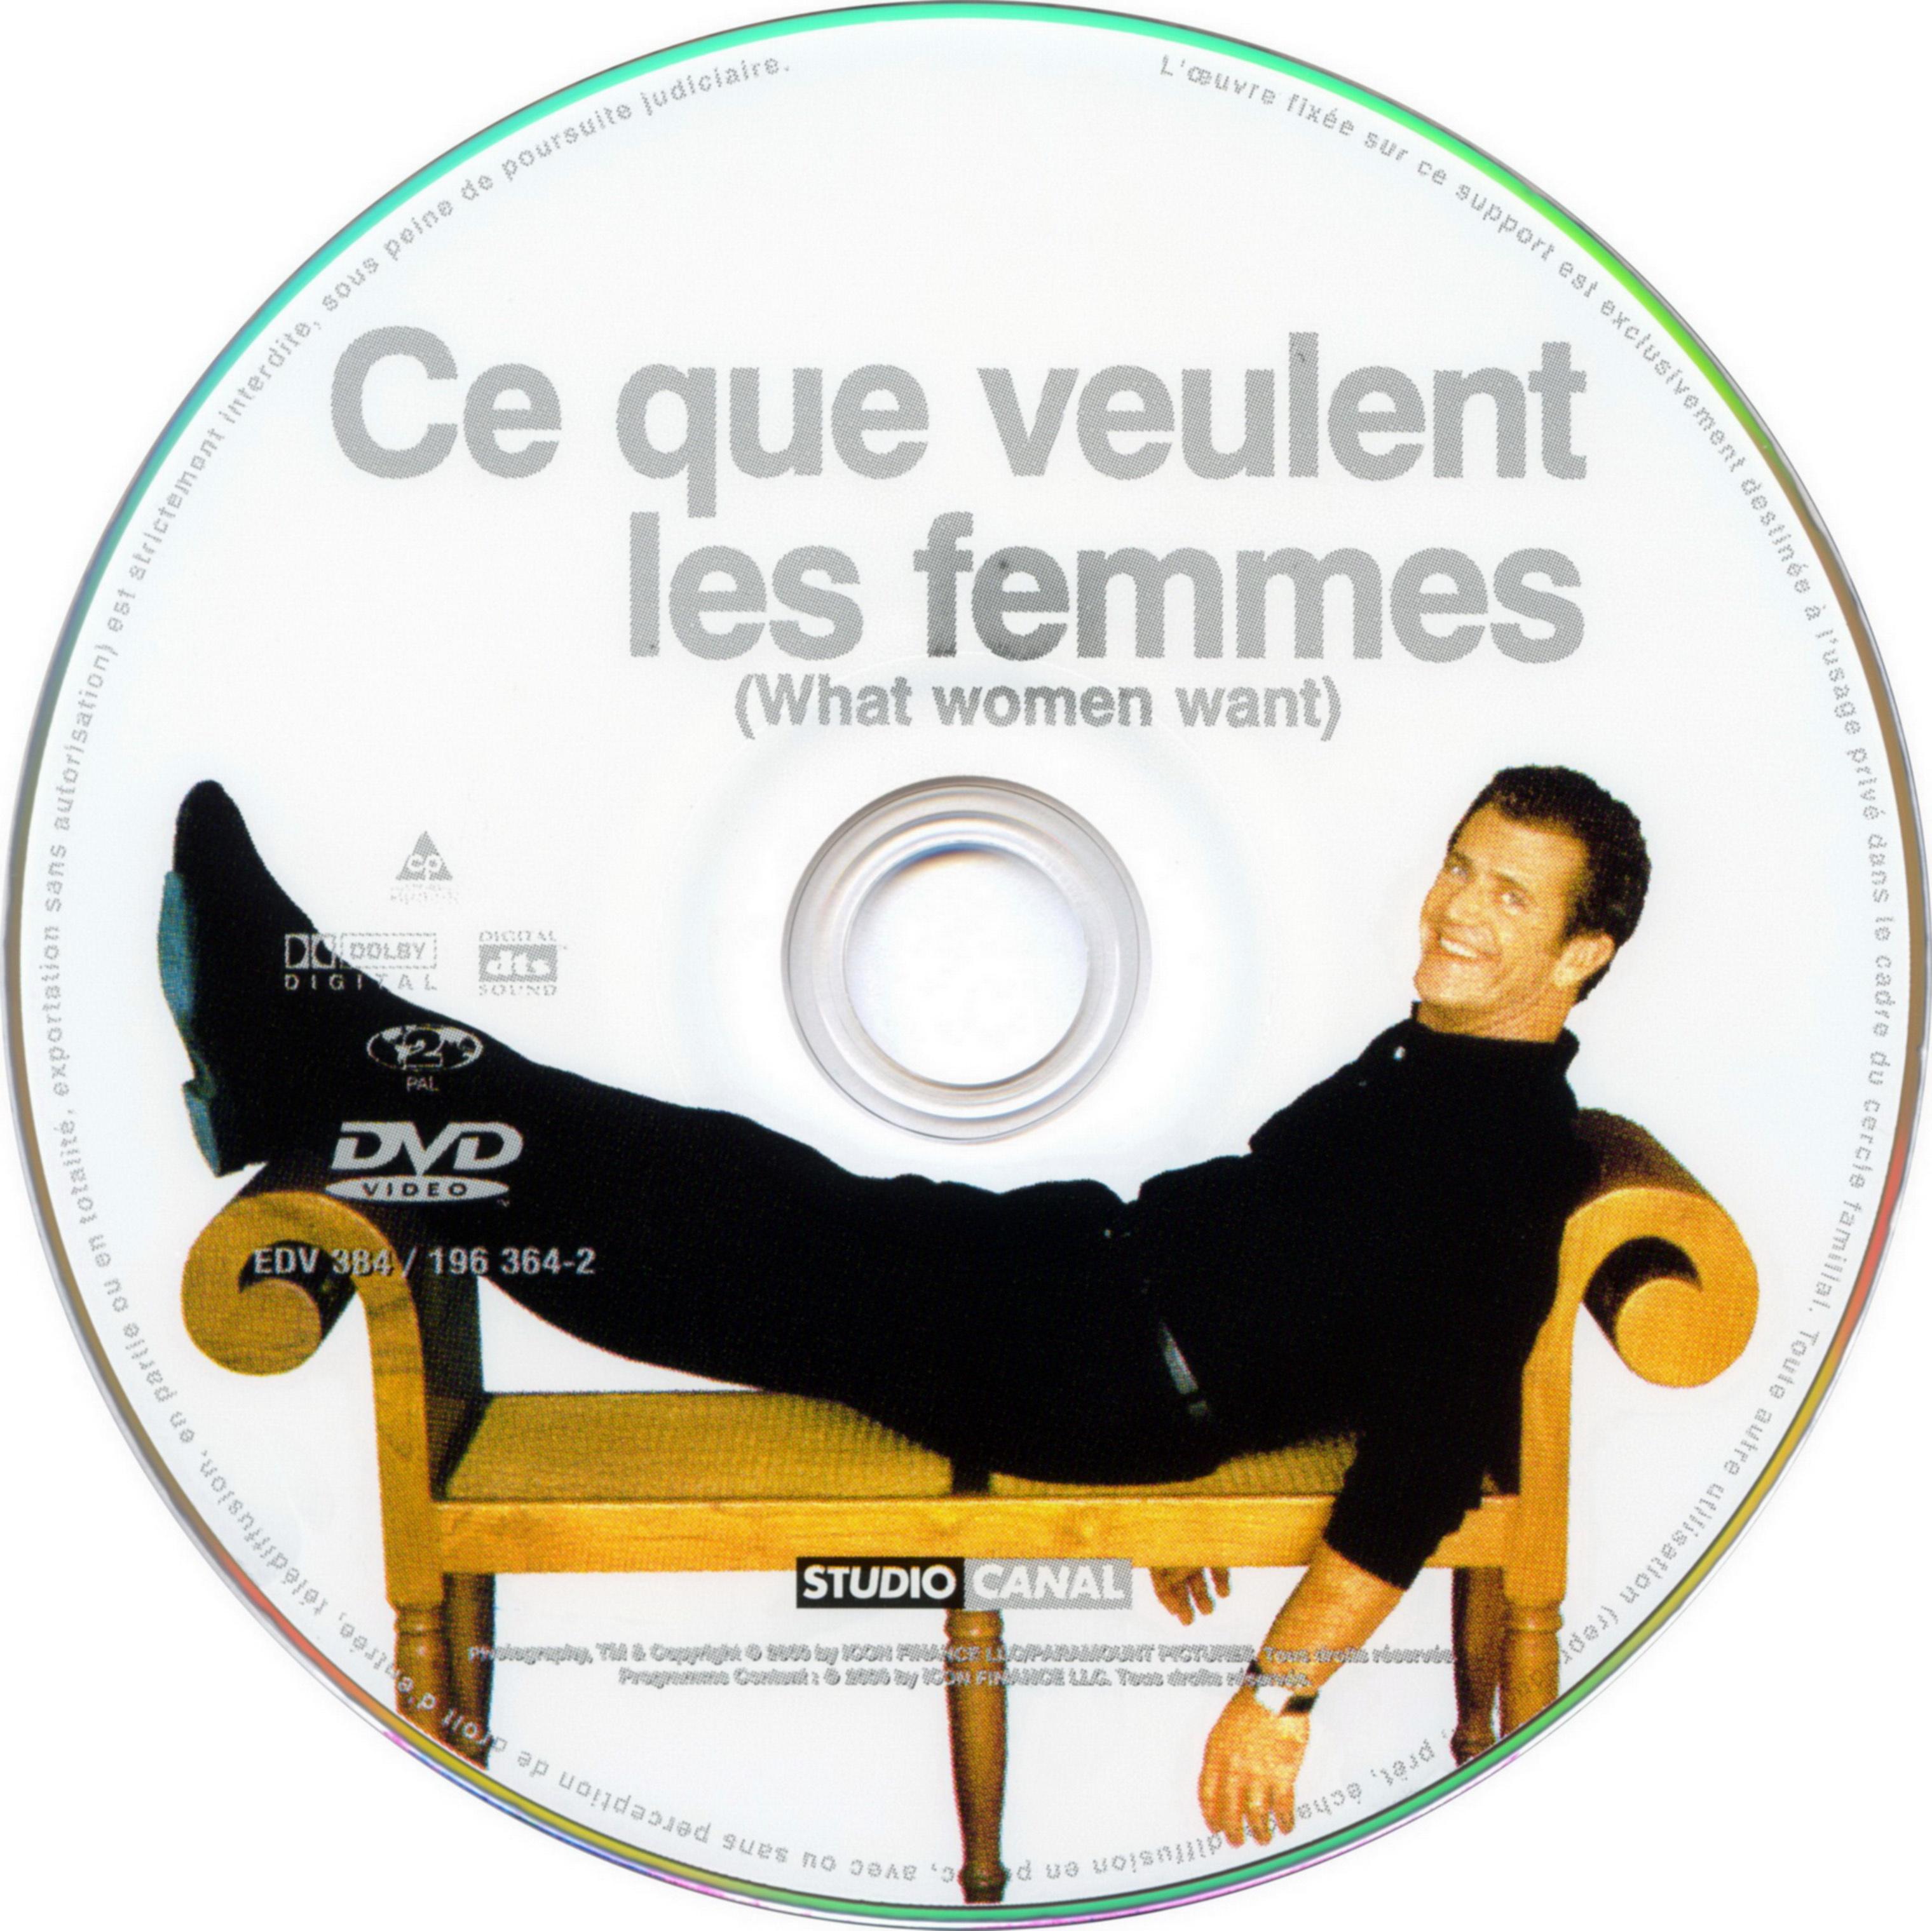 Fran Femmes Veulent Ce Que Les Haifisch